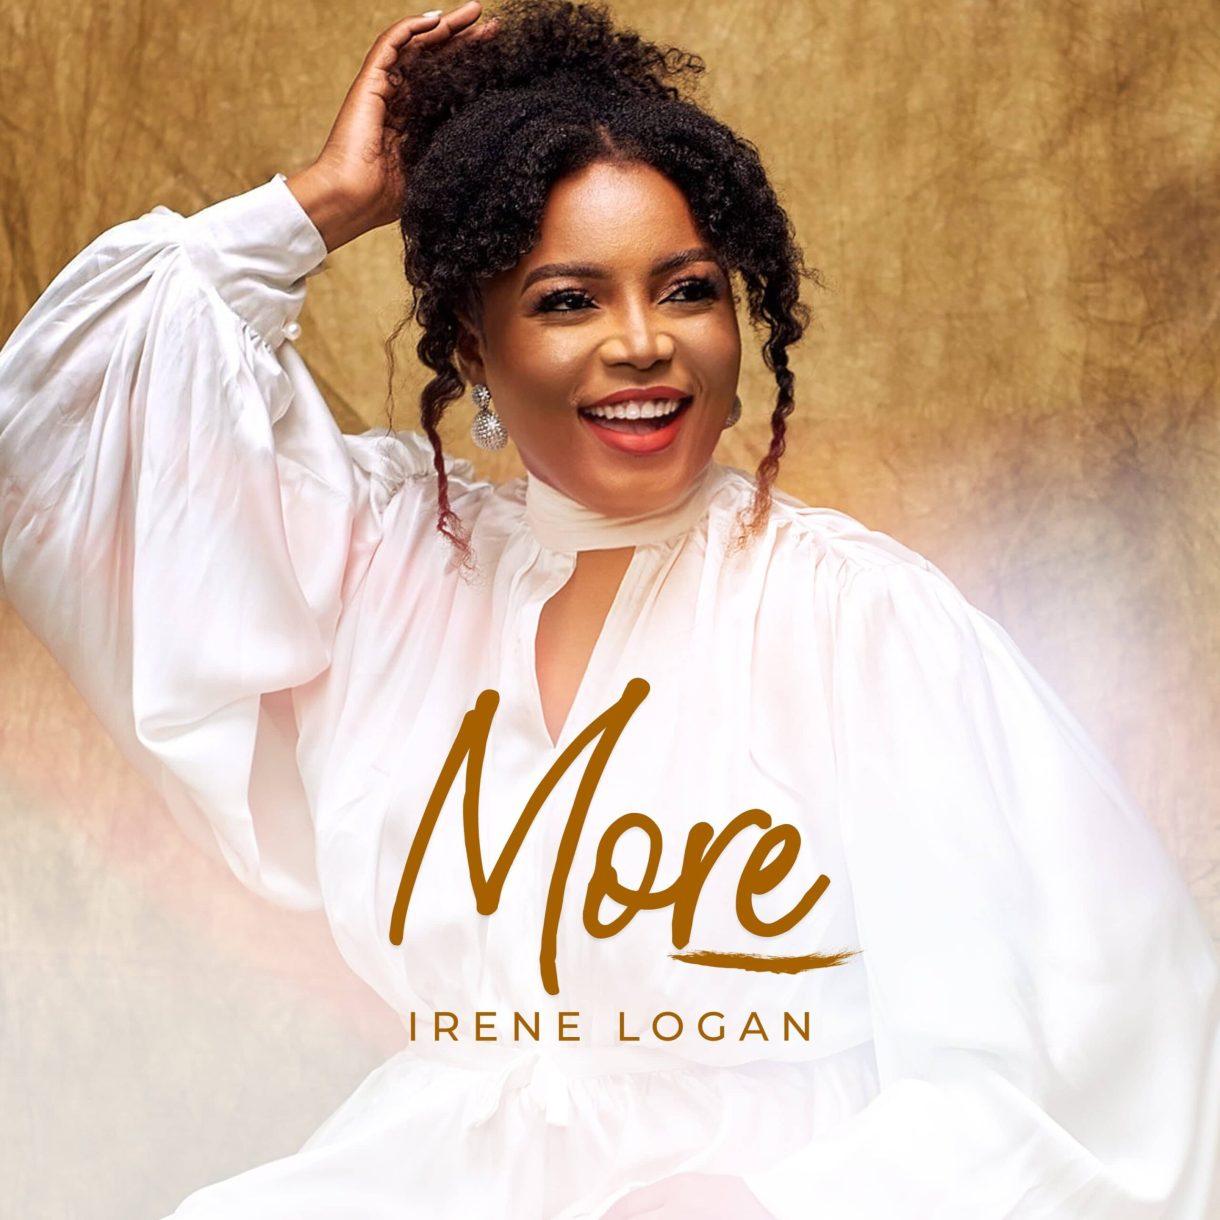 Irene logan - More mp3 download